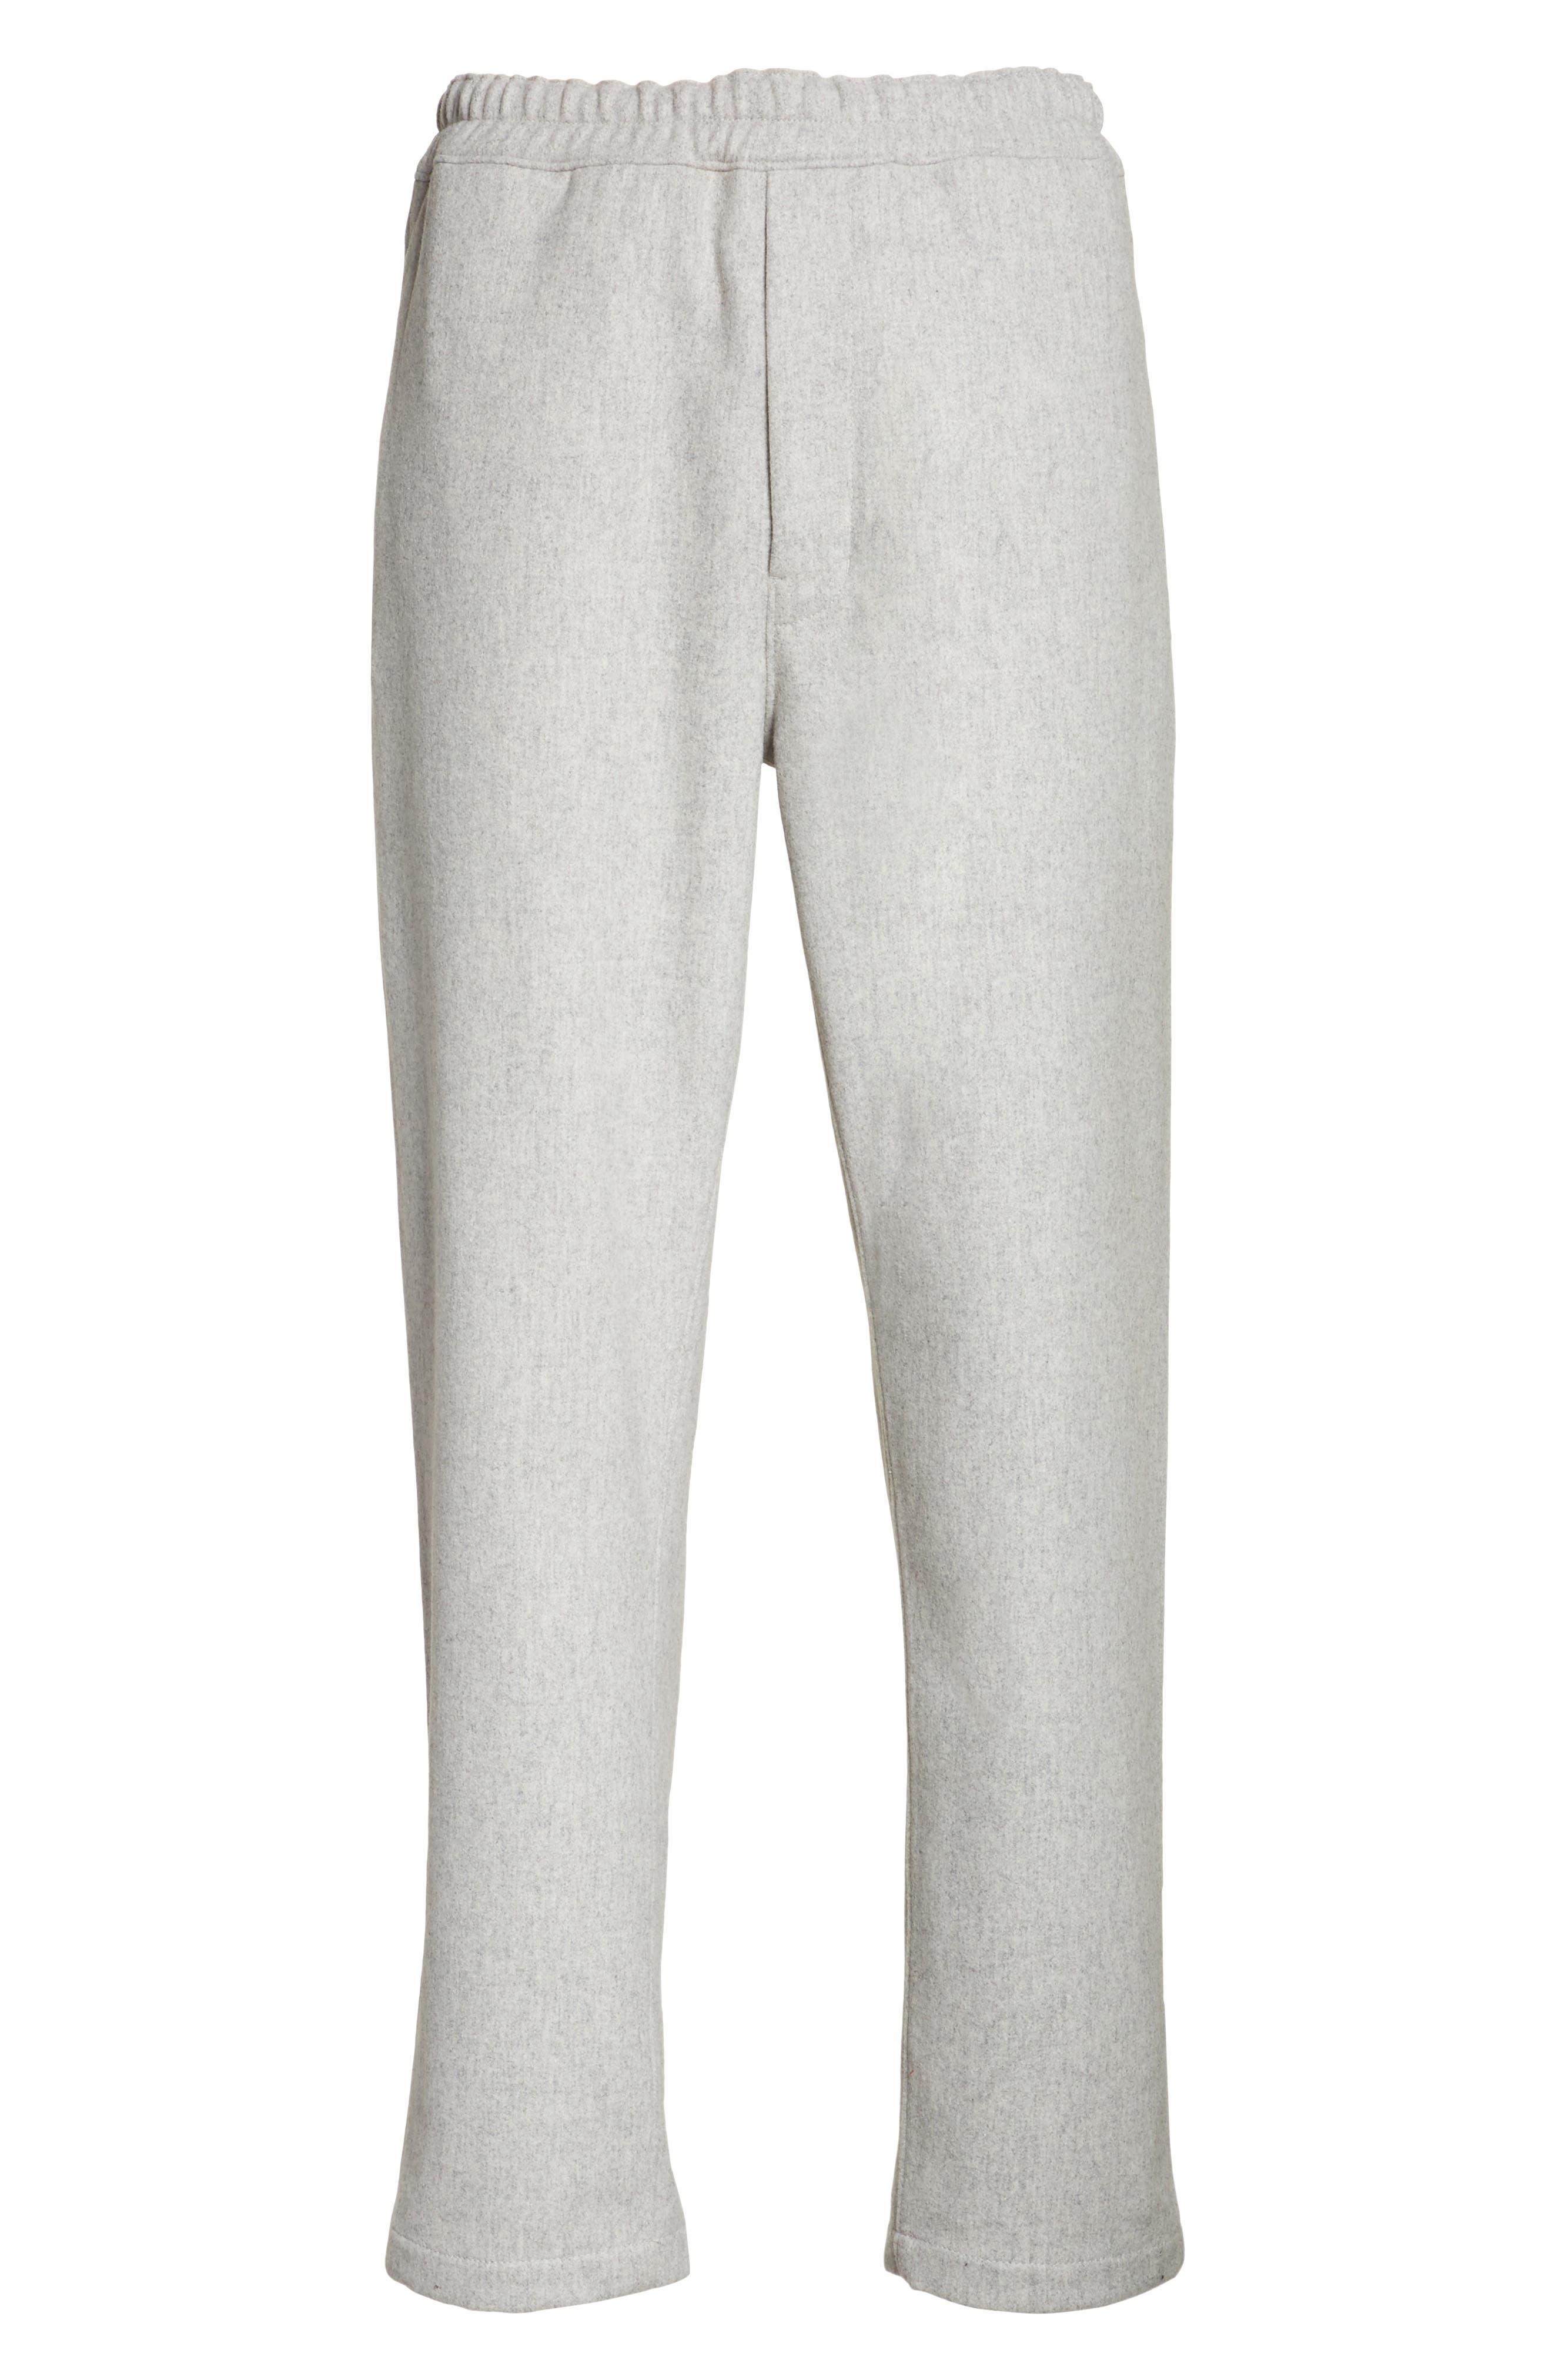 Mélange Wool Blend Trousers,                             Alternate thumbnail 6, color,                             020